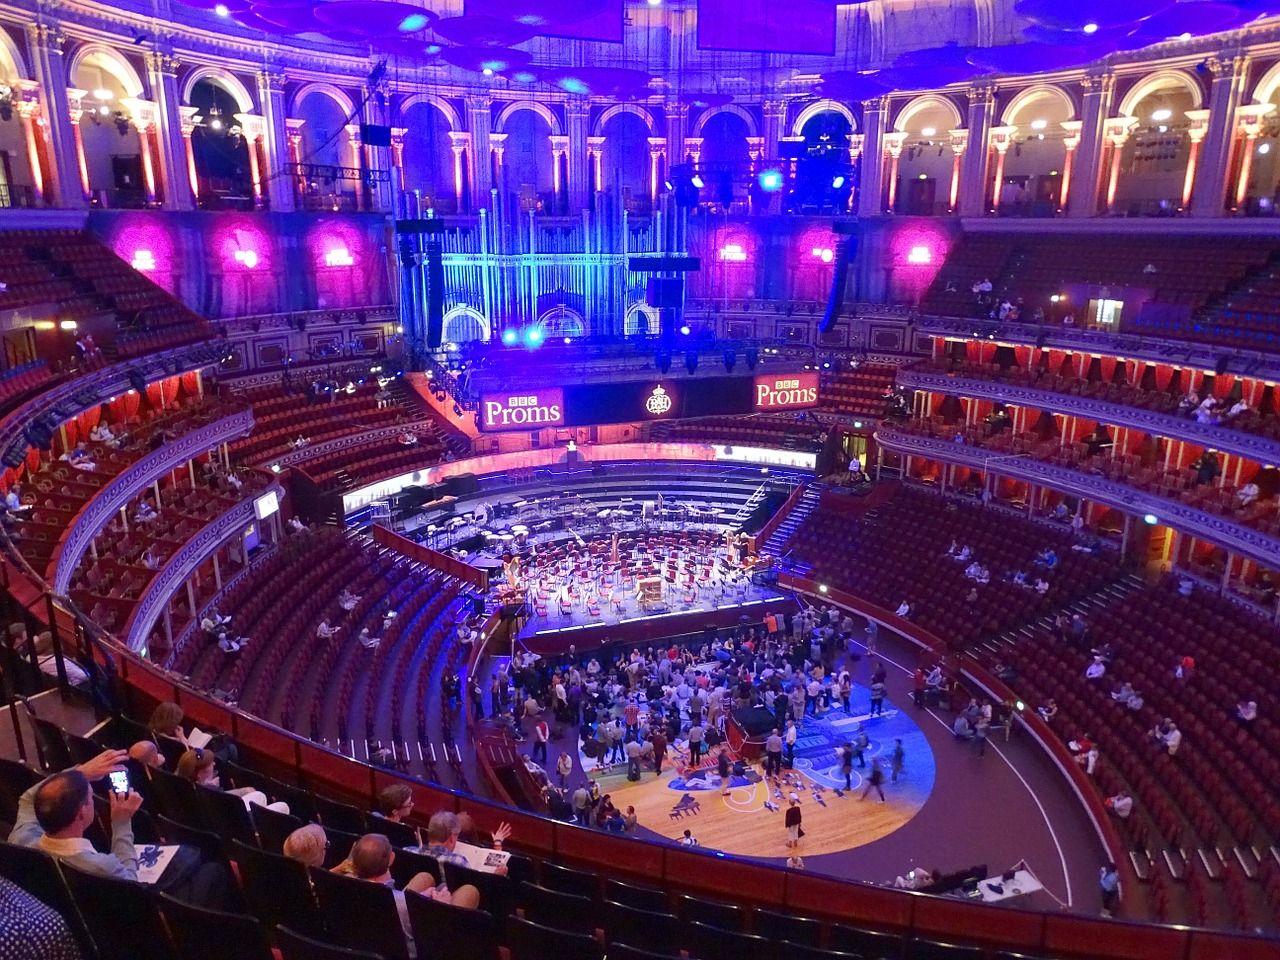 England England London Royal Albert Hall Royal Alb